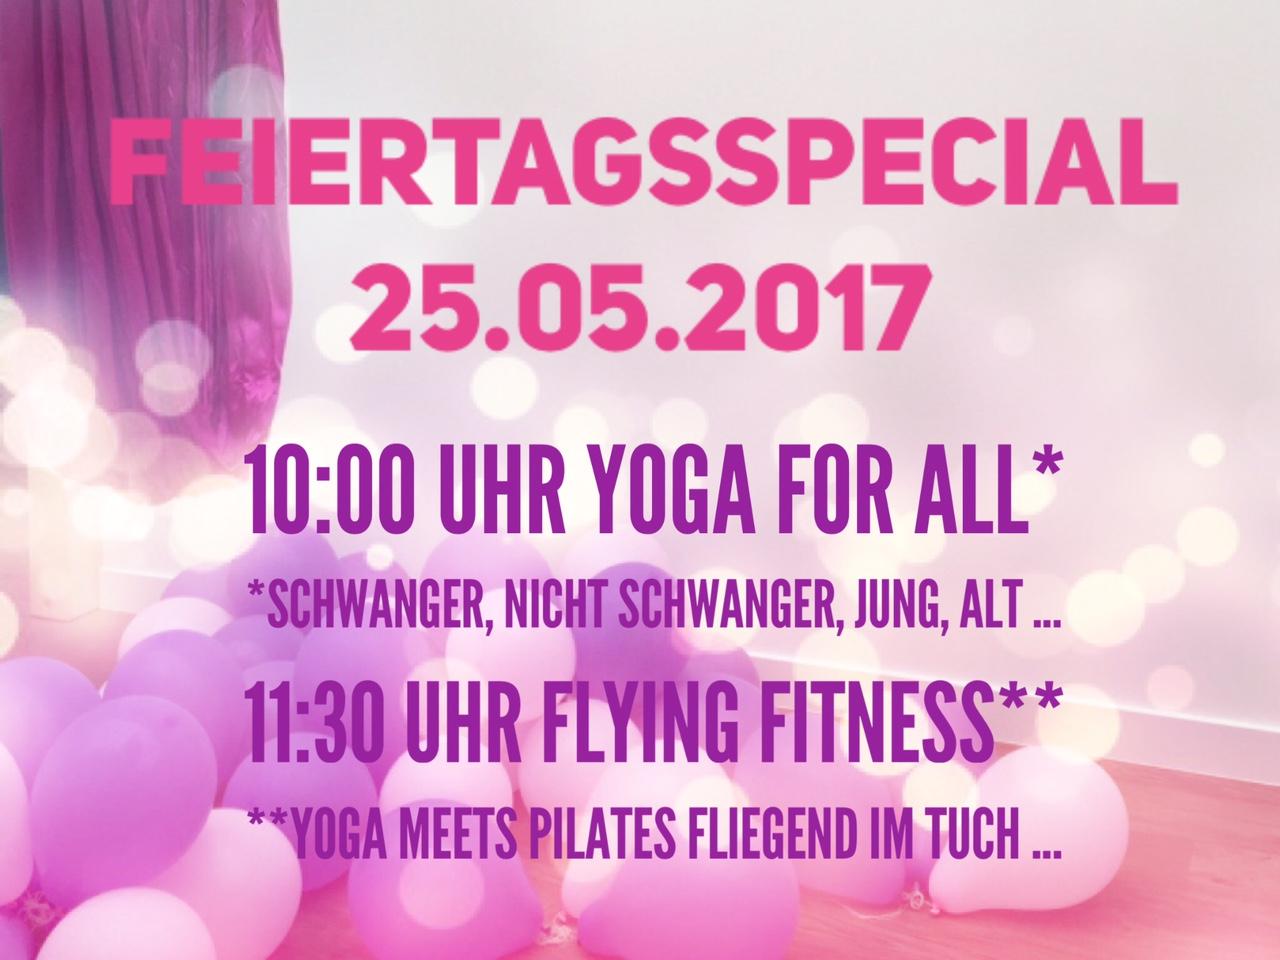 2017-05-25_Himmelfahrtsspecial